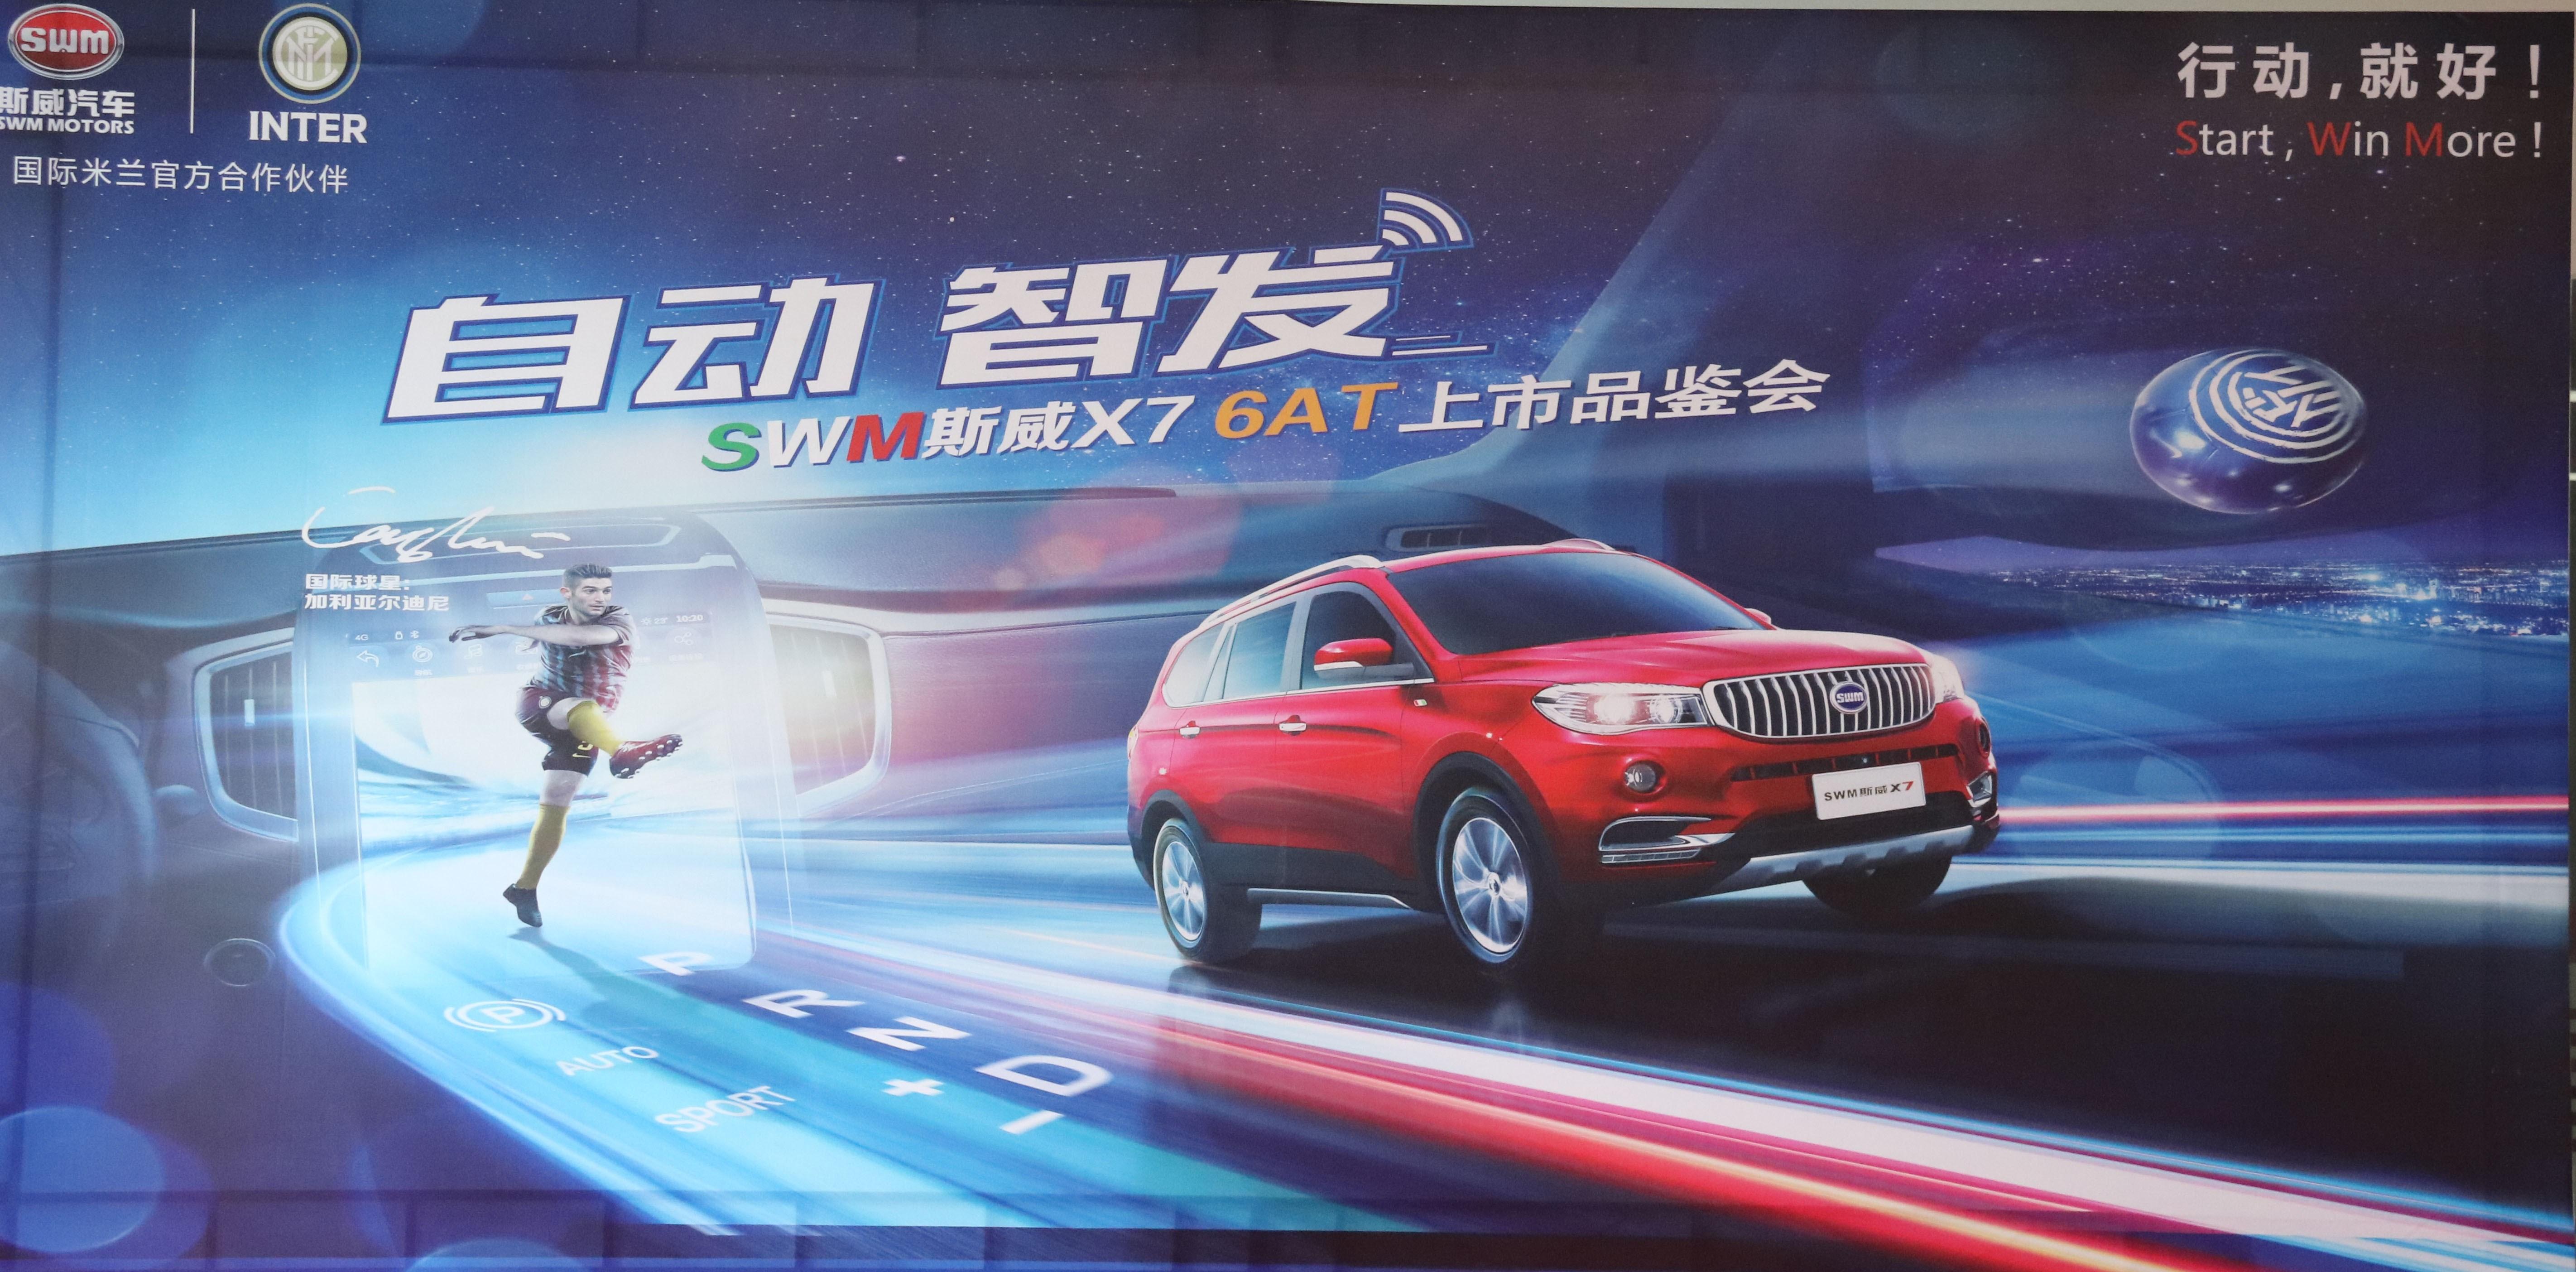 SWM斯威汽车X7自动挡上市品鉴会圆满结束